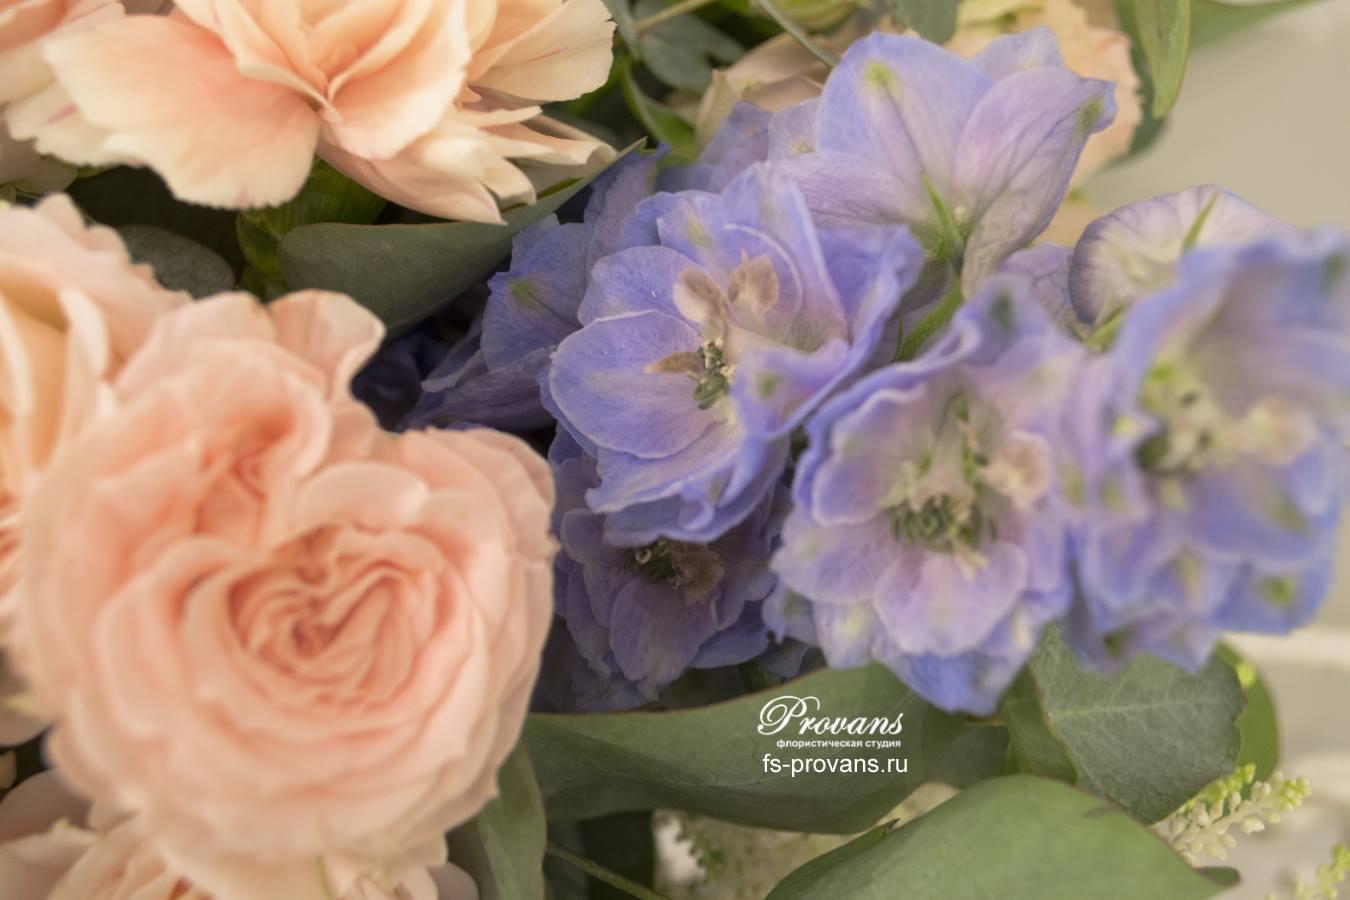 Свадебный букет. Французская роза, дельфиниум